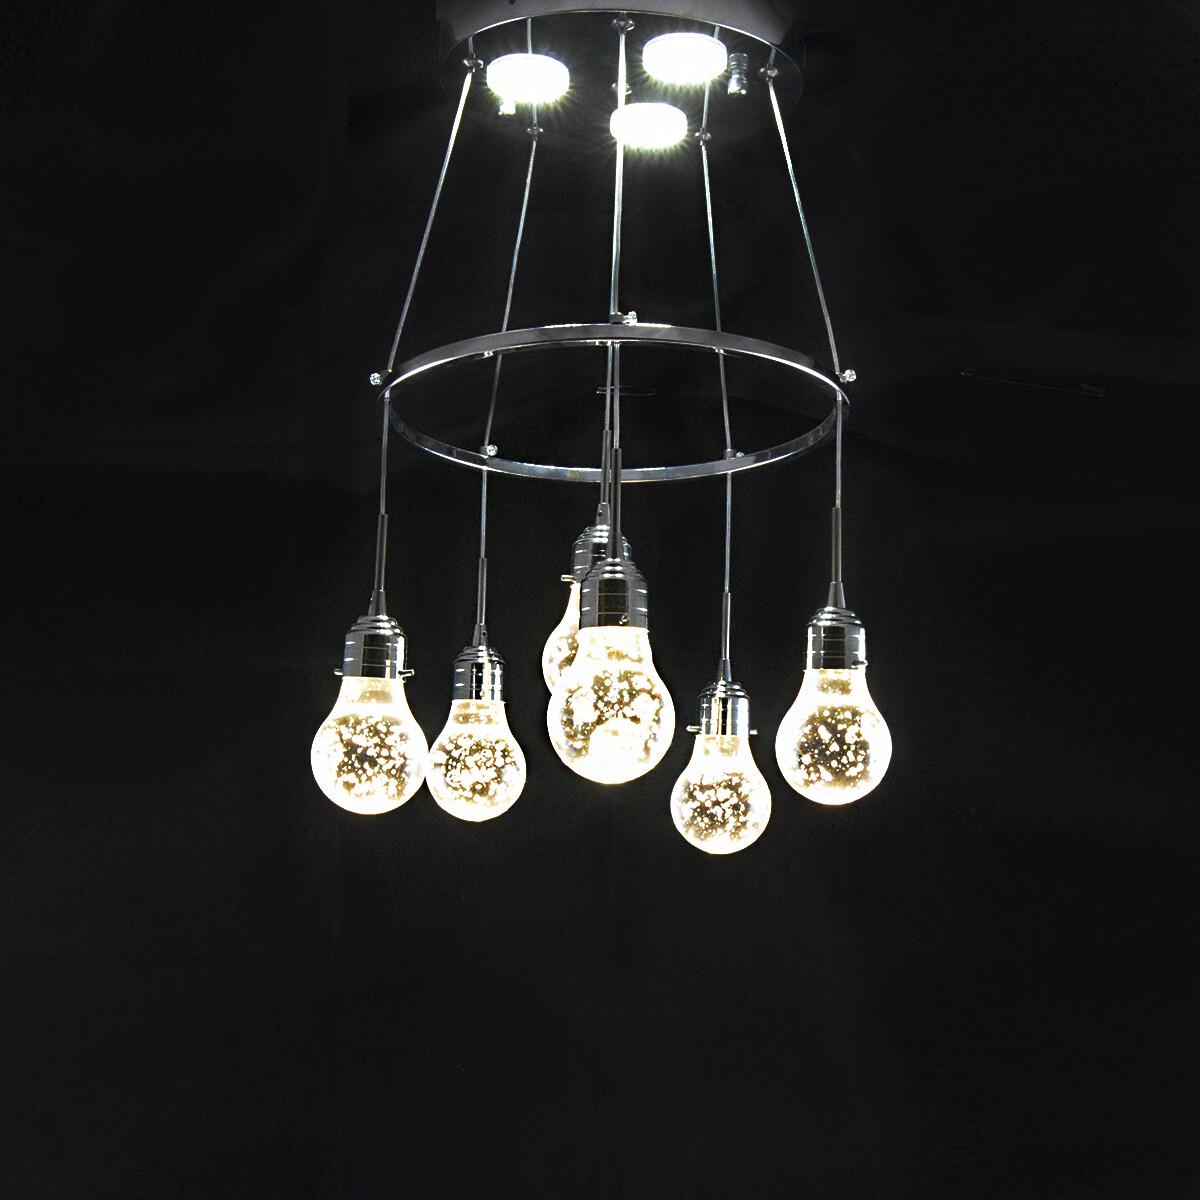 Светодиодная люстра, 6 плафонов